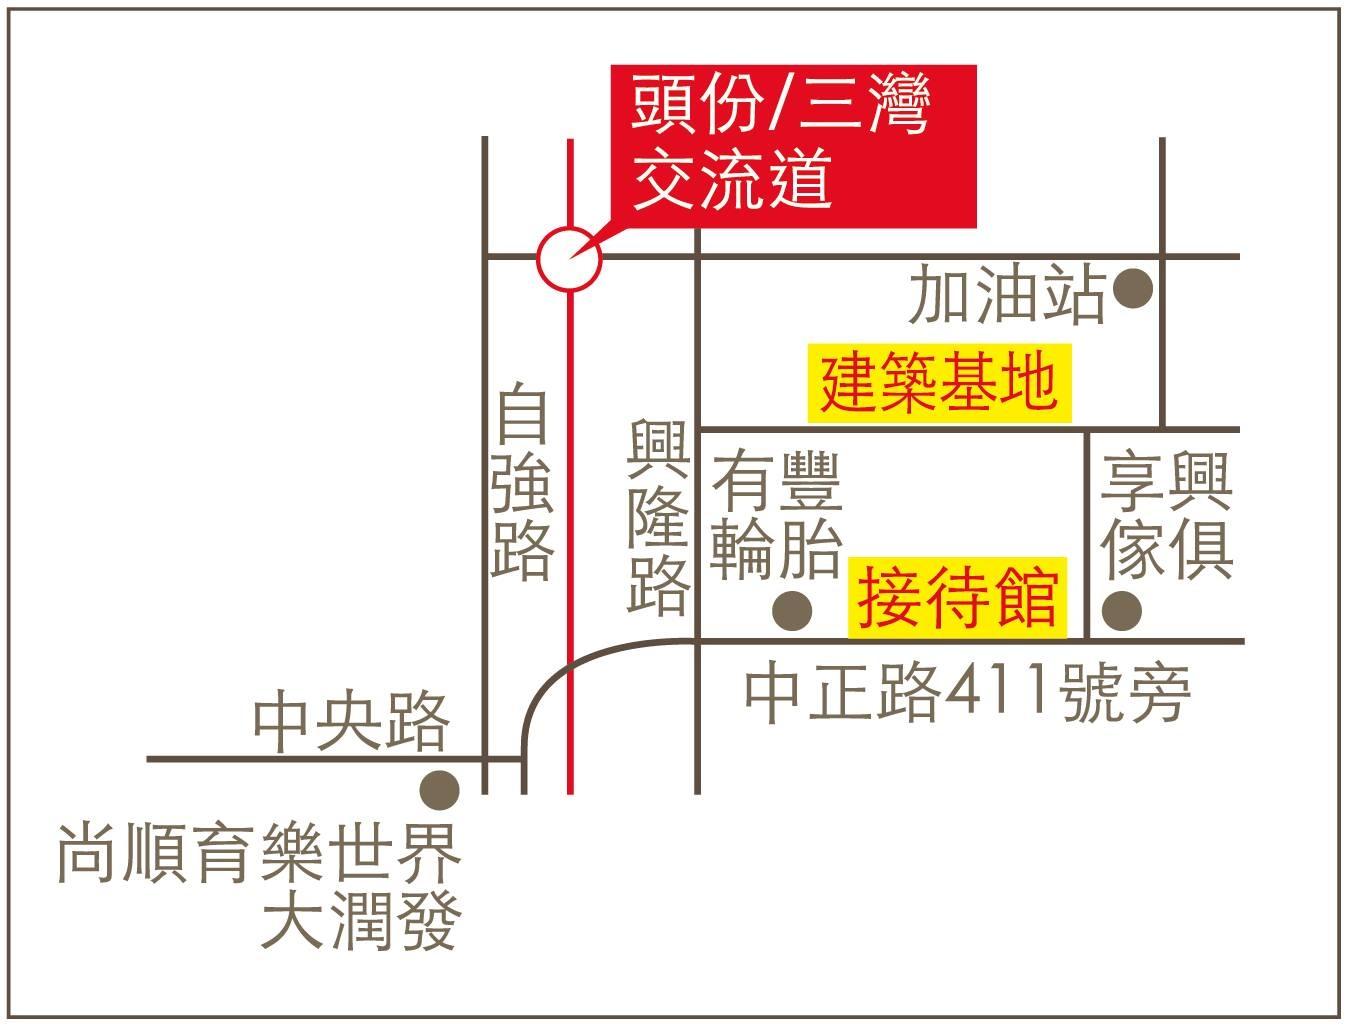 [頭份國小]甲琦建設 宏琦建設-飛翔驛(大樓)20180510-05.jpg.jpg